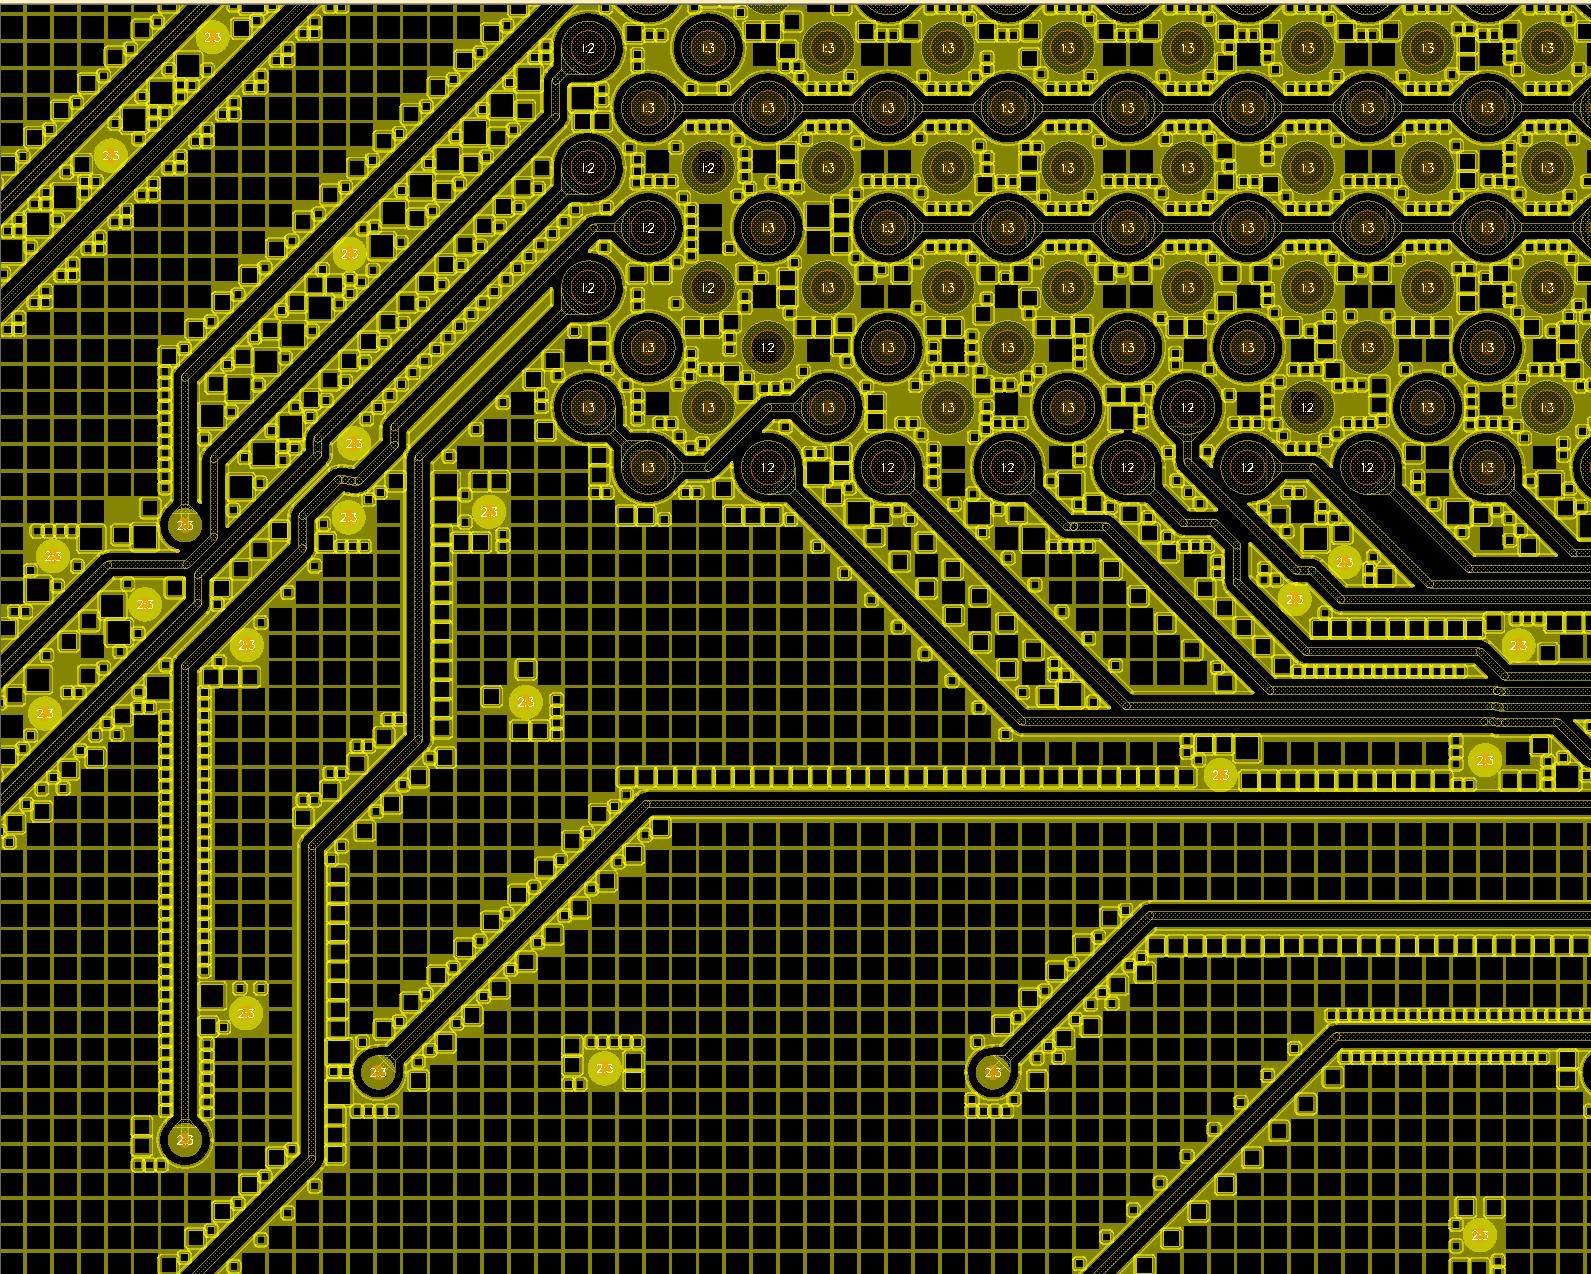 メンター・グラフィックスとTSMCのソリューションを統合